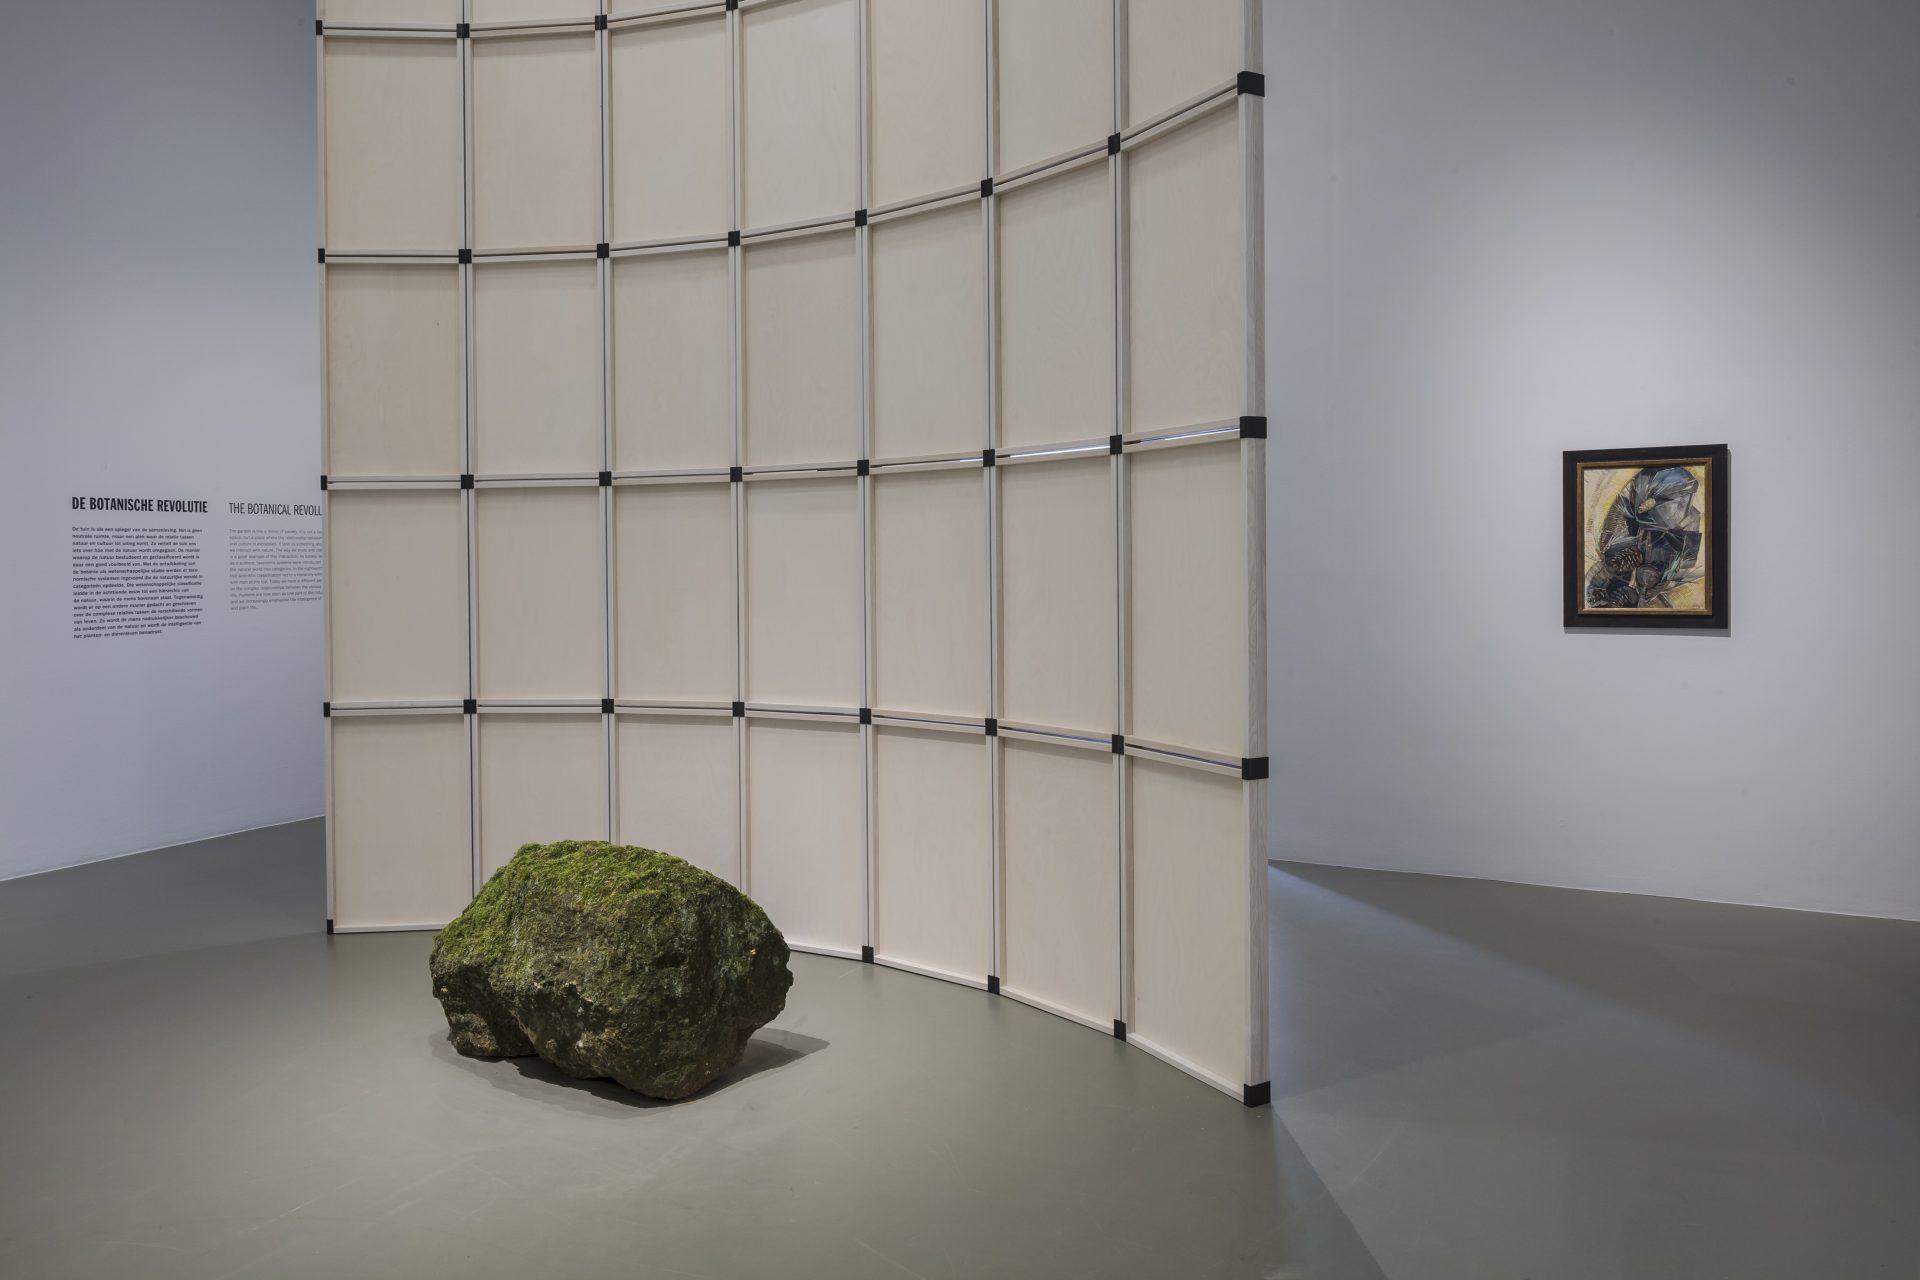 Andrea Büttner in 'The botanical revolution', Centraal Museum, 11 September 2021 – 9 January 2022